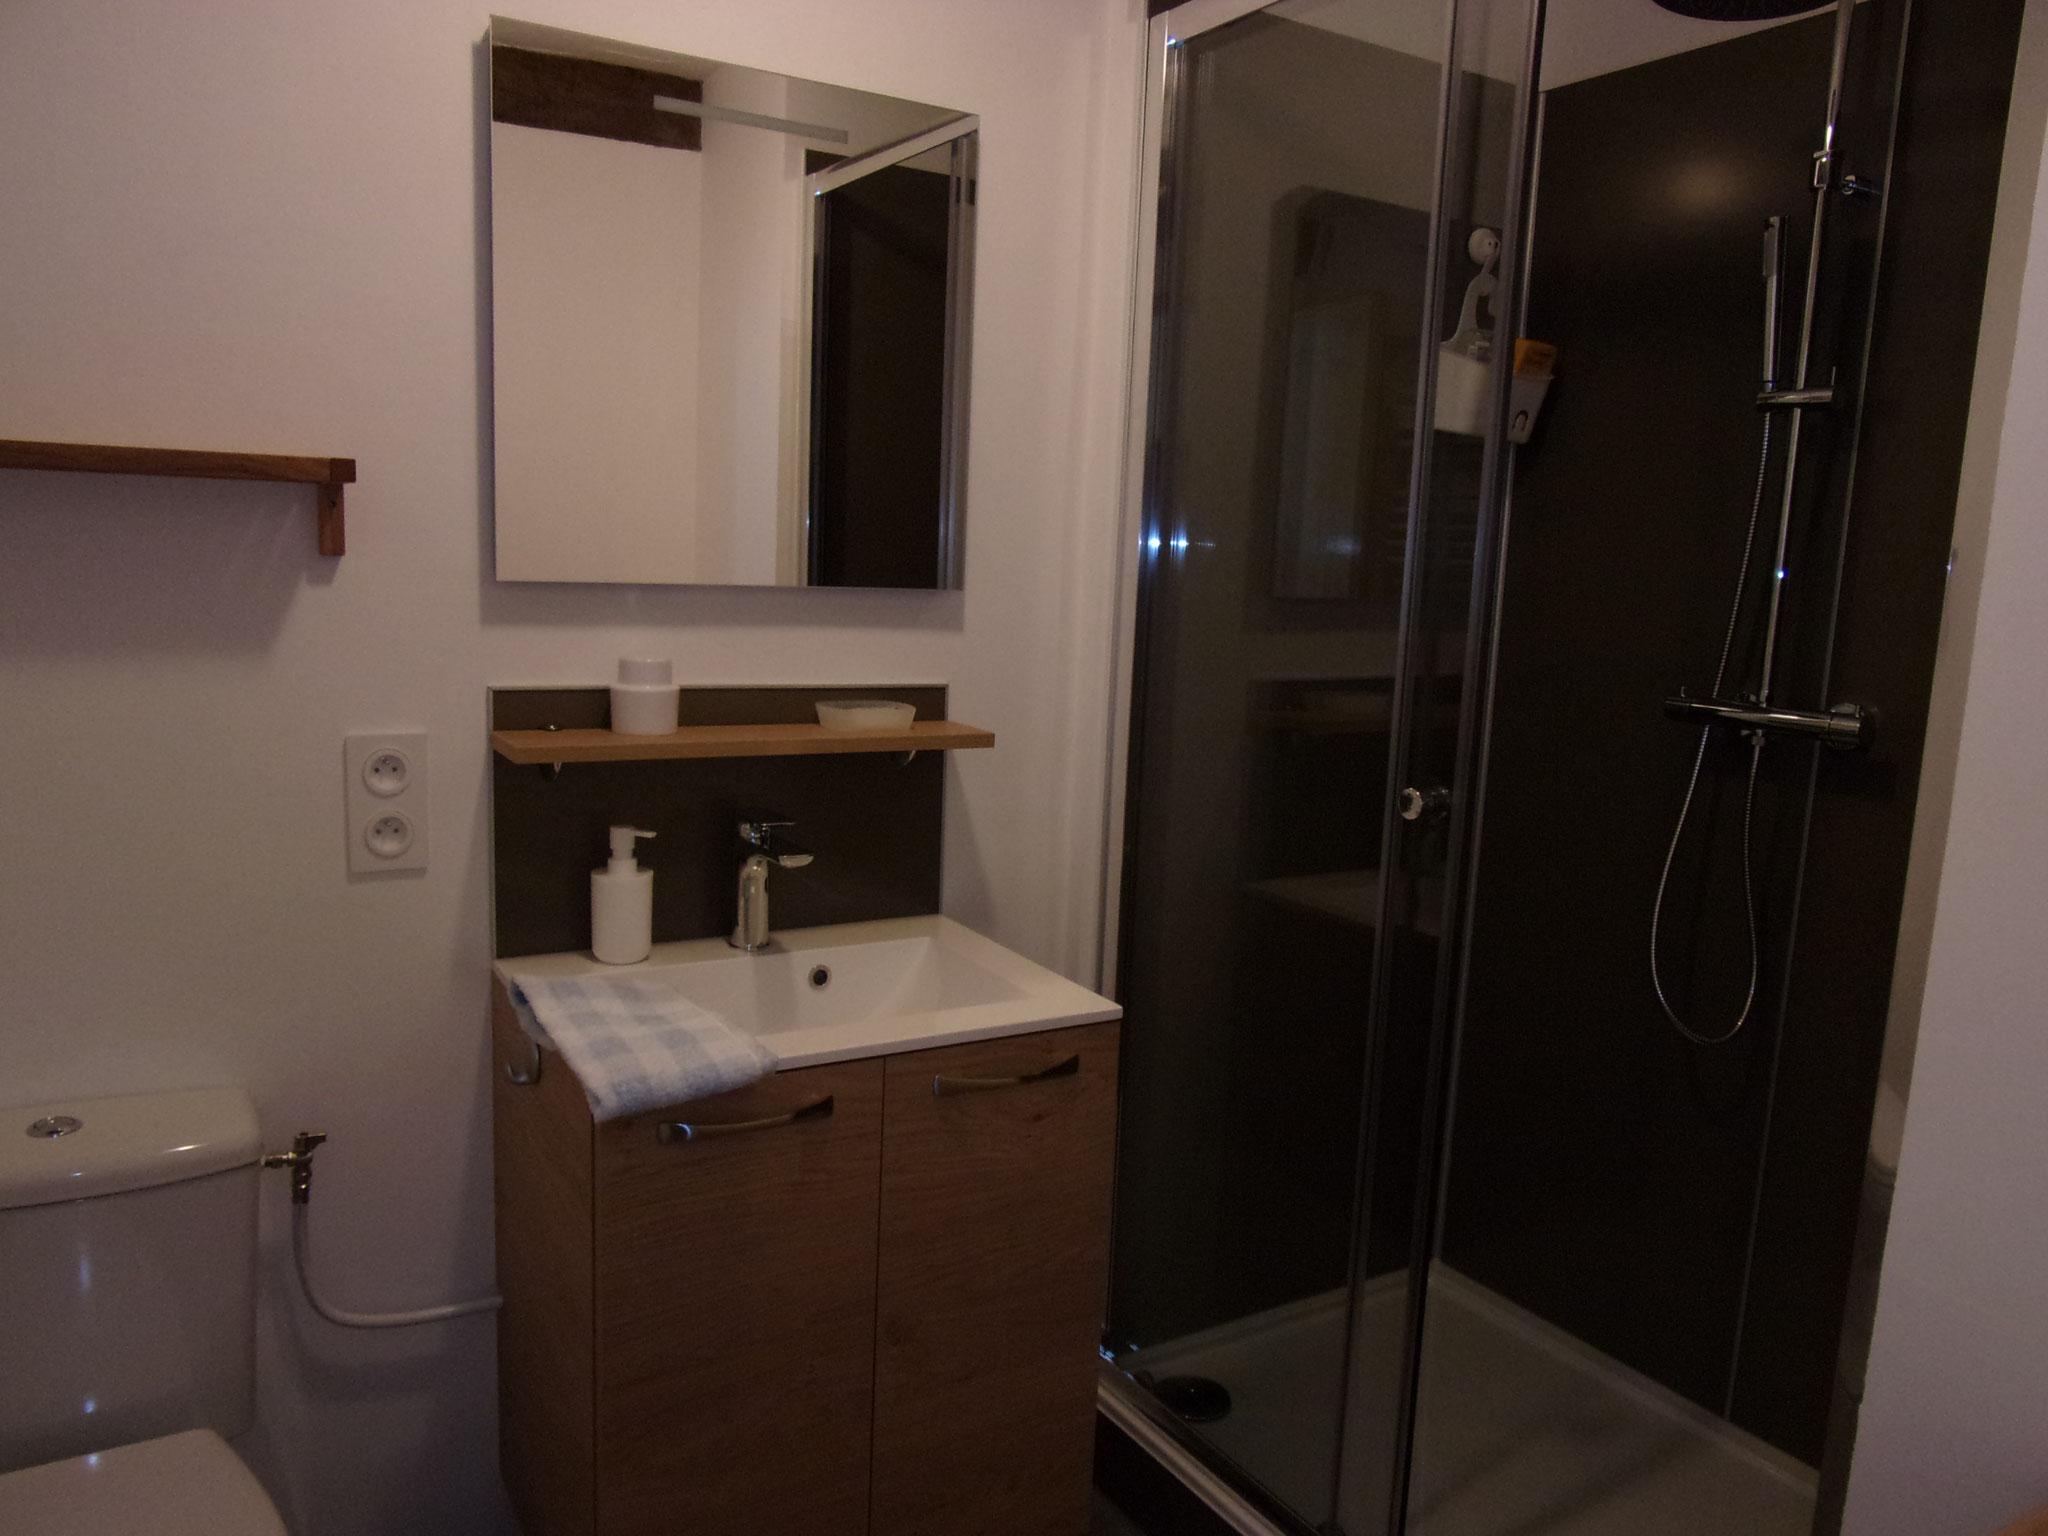 Toutes les salles d'eau sont neuves